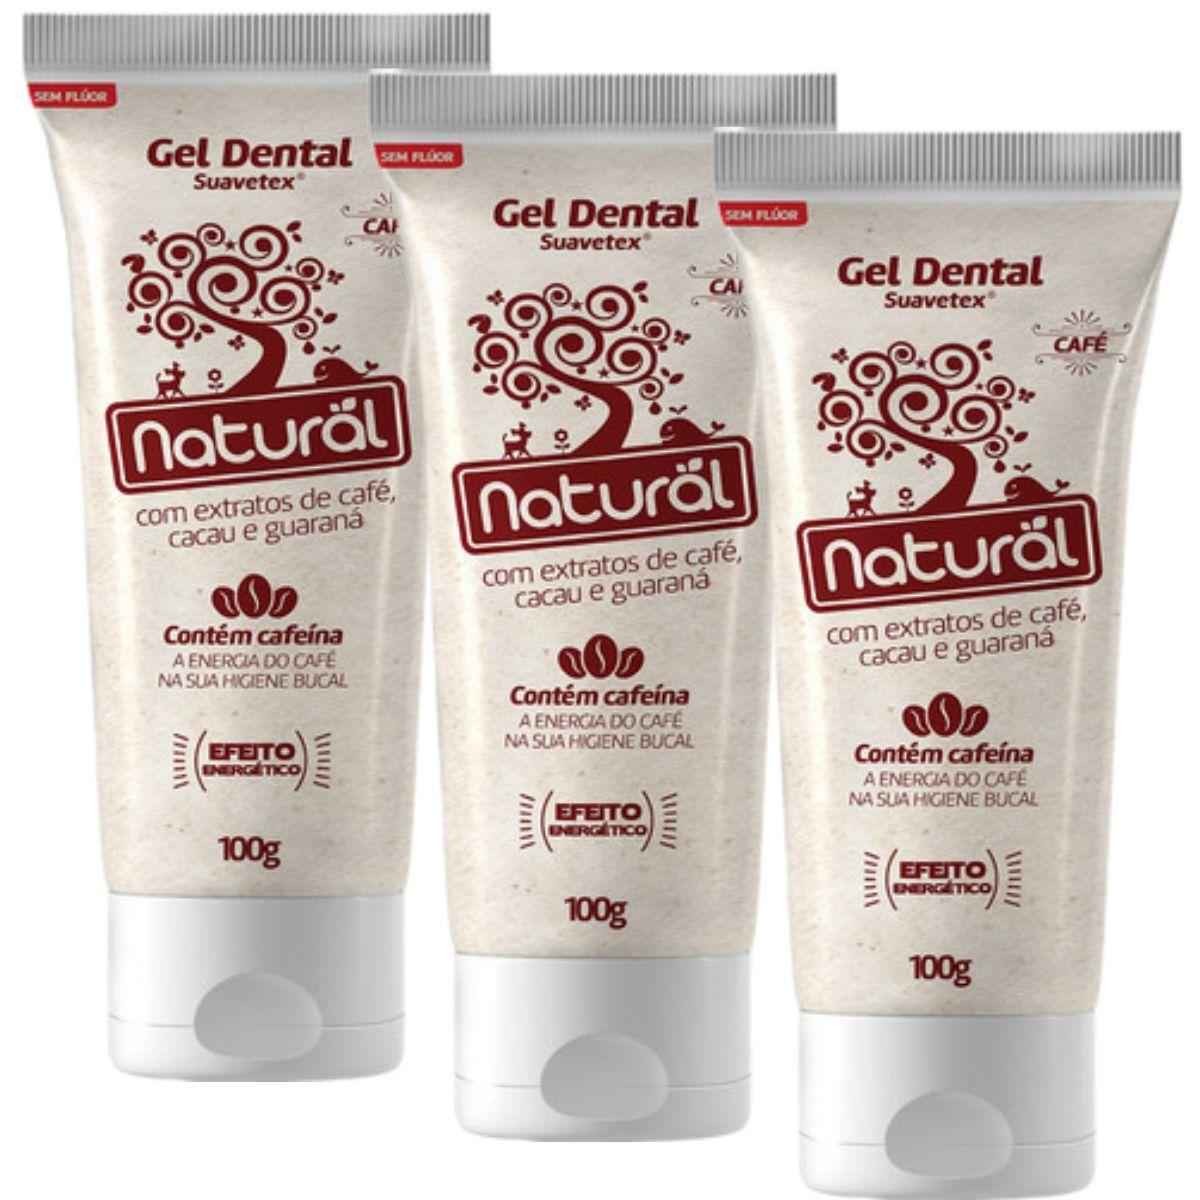 Kit 3 Creme Dental Suavetex Orgânico Natural C/ Extratos de Café, Cacau e Guaraná - 100g